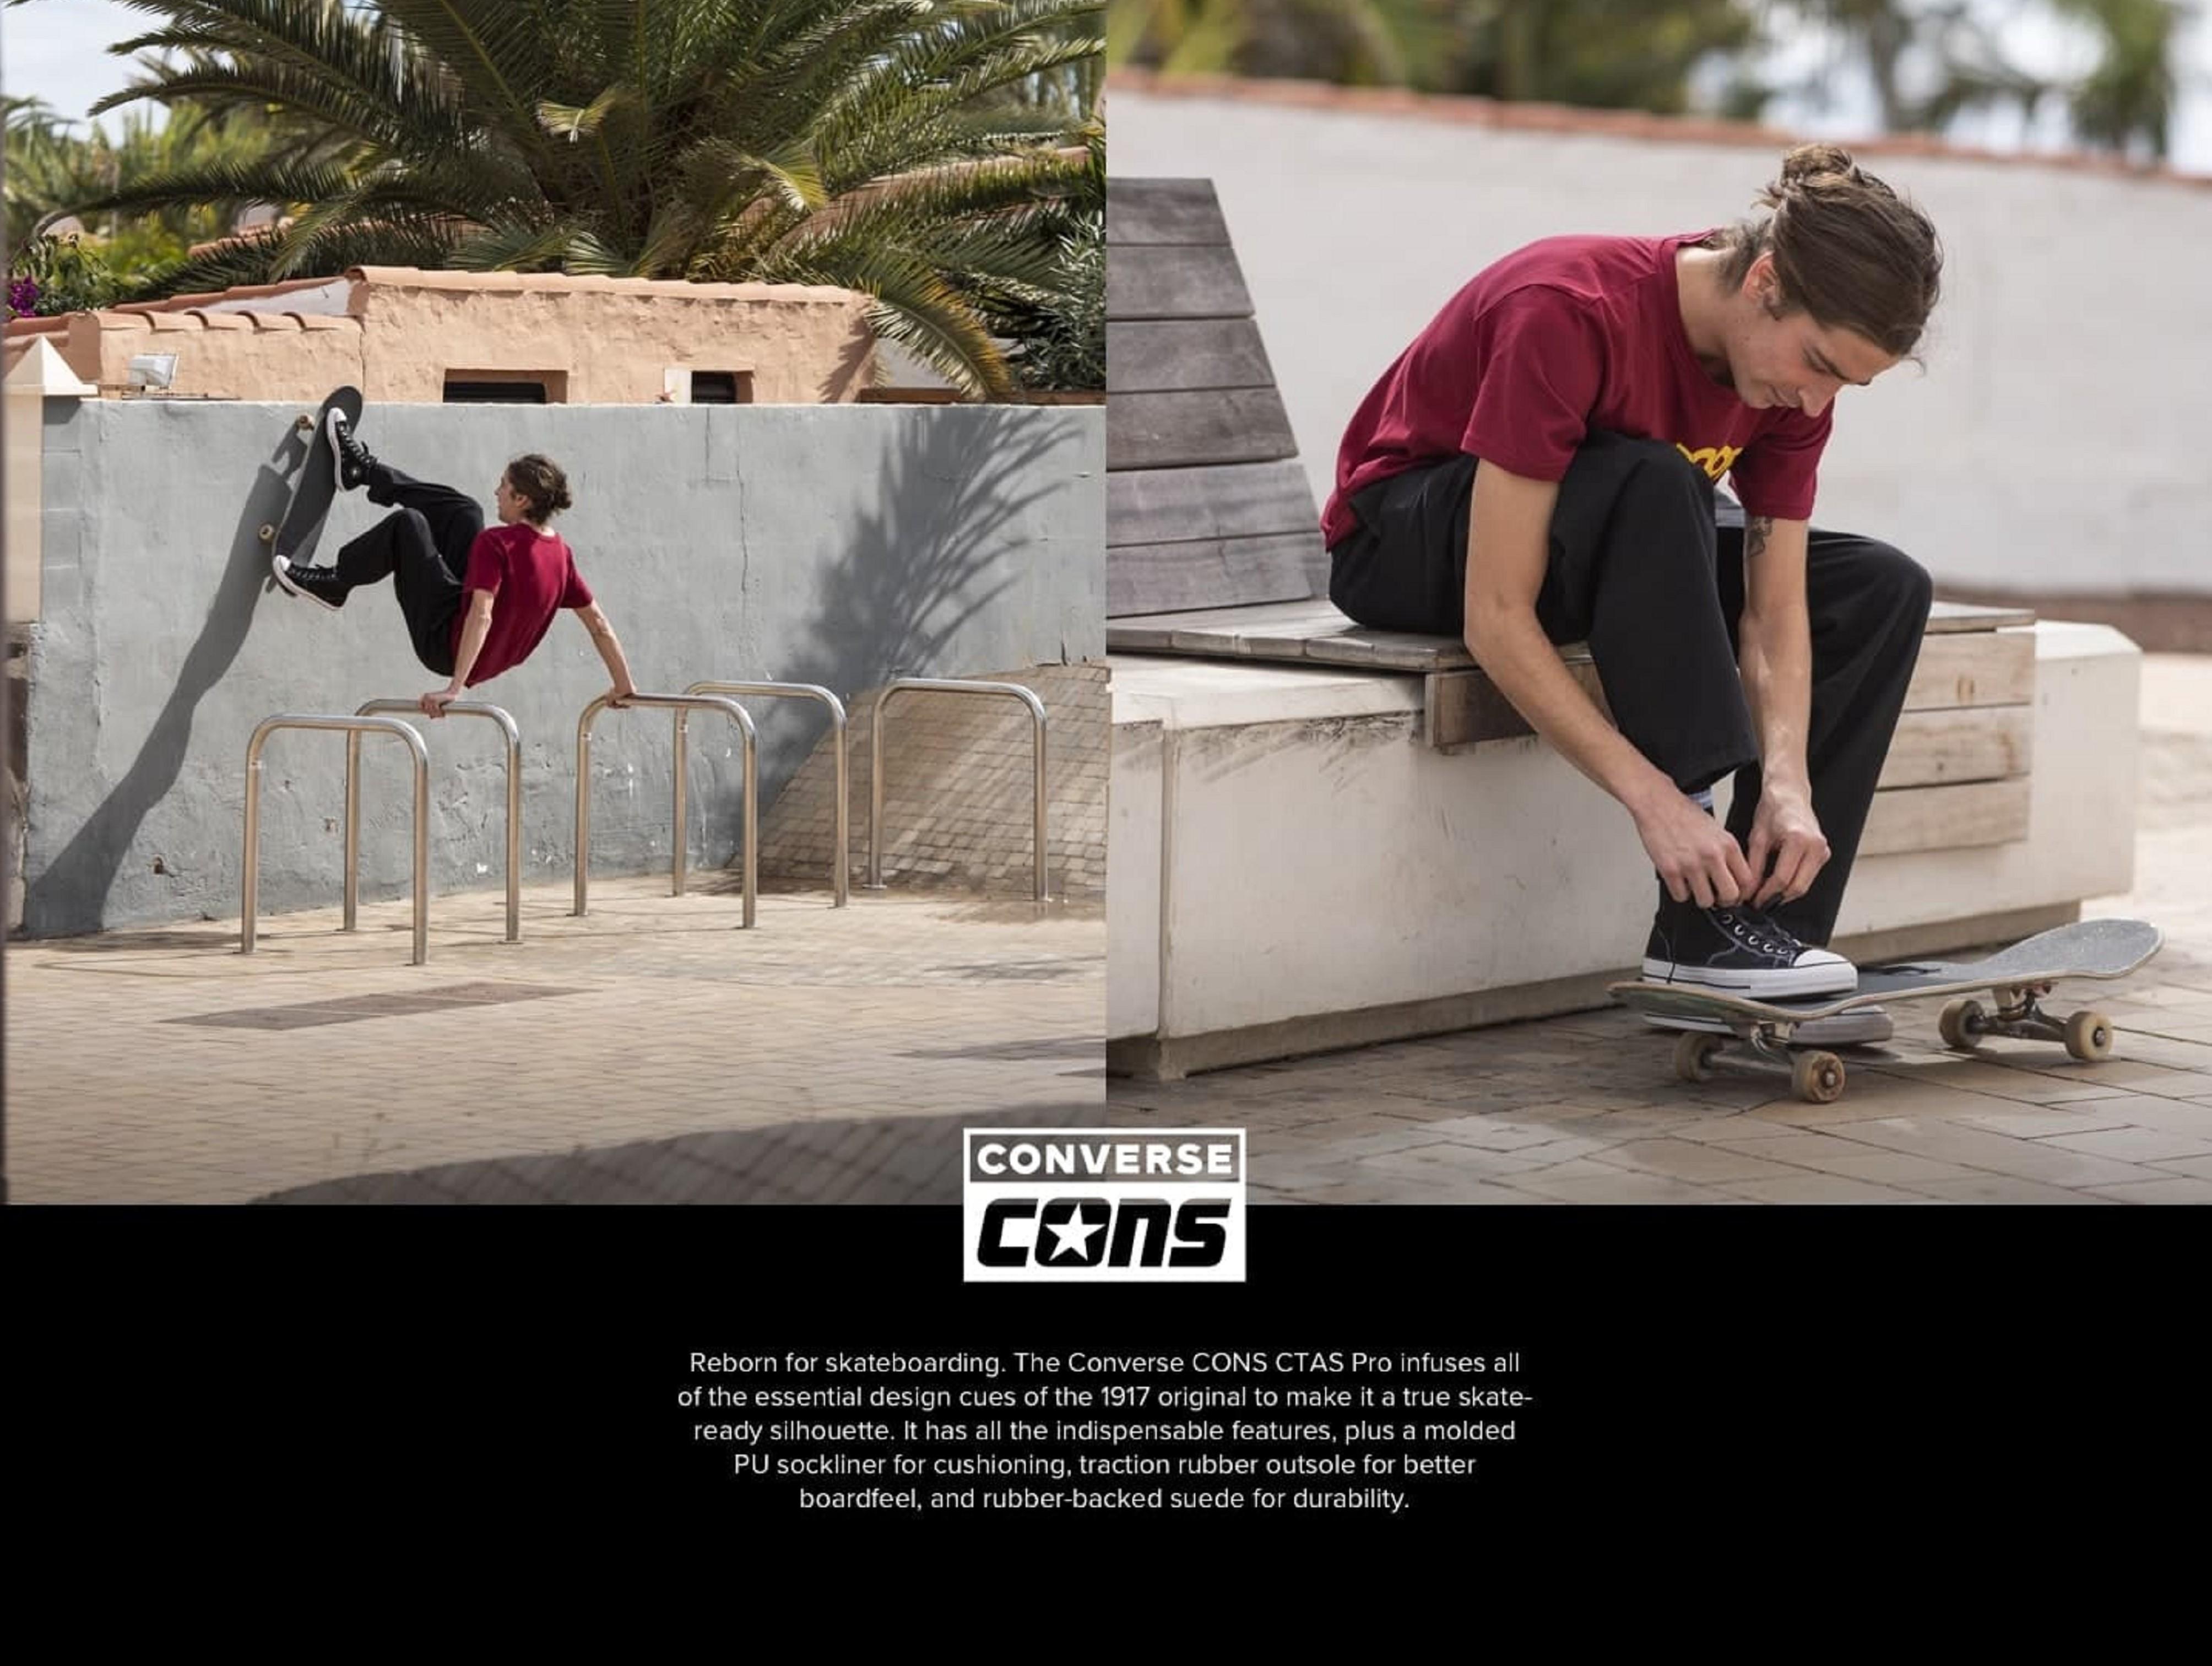 Cube ti prináša Converse CONS skate PRO produkty!